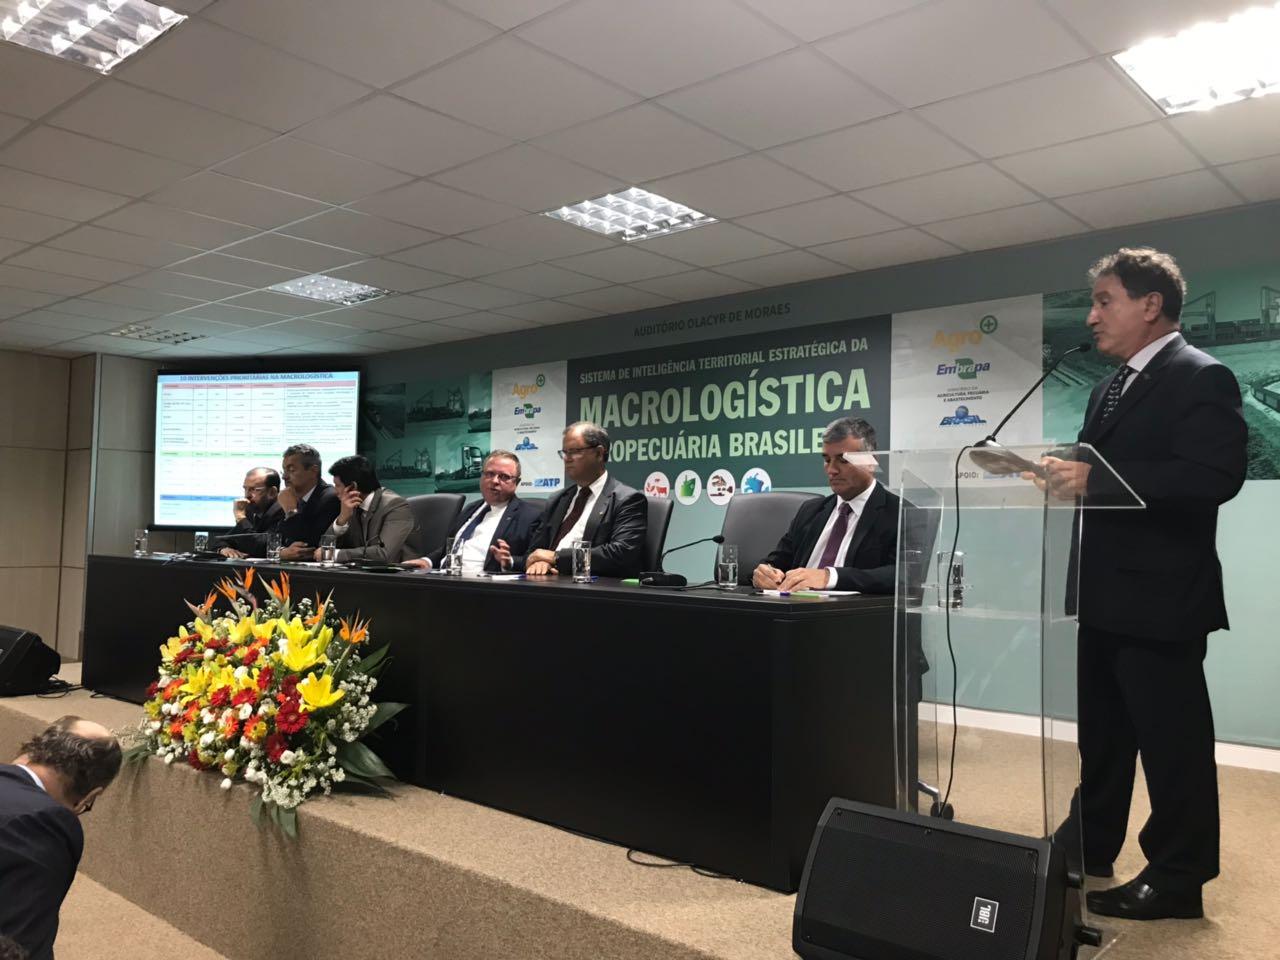 Luciane Dourado/Embrapa - Evaristo de Miranda apresenta sistema durante o evento de lançamento.